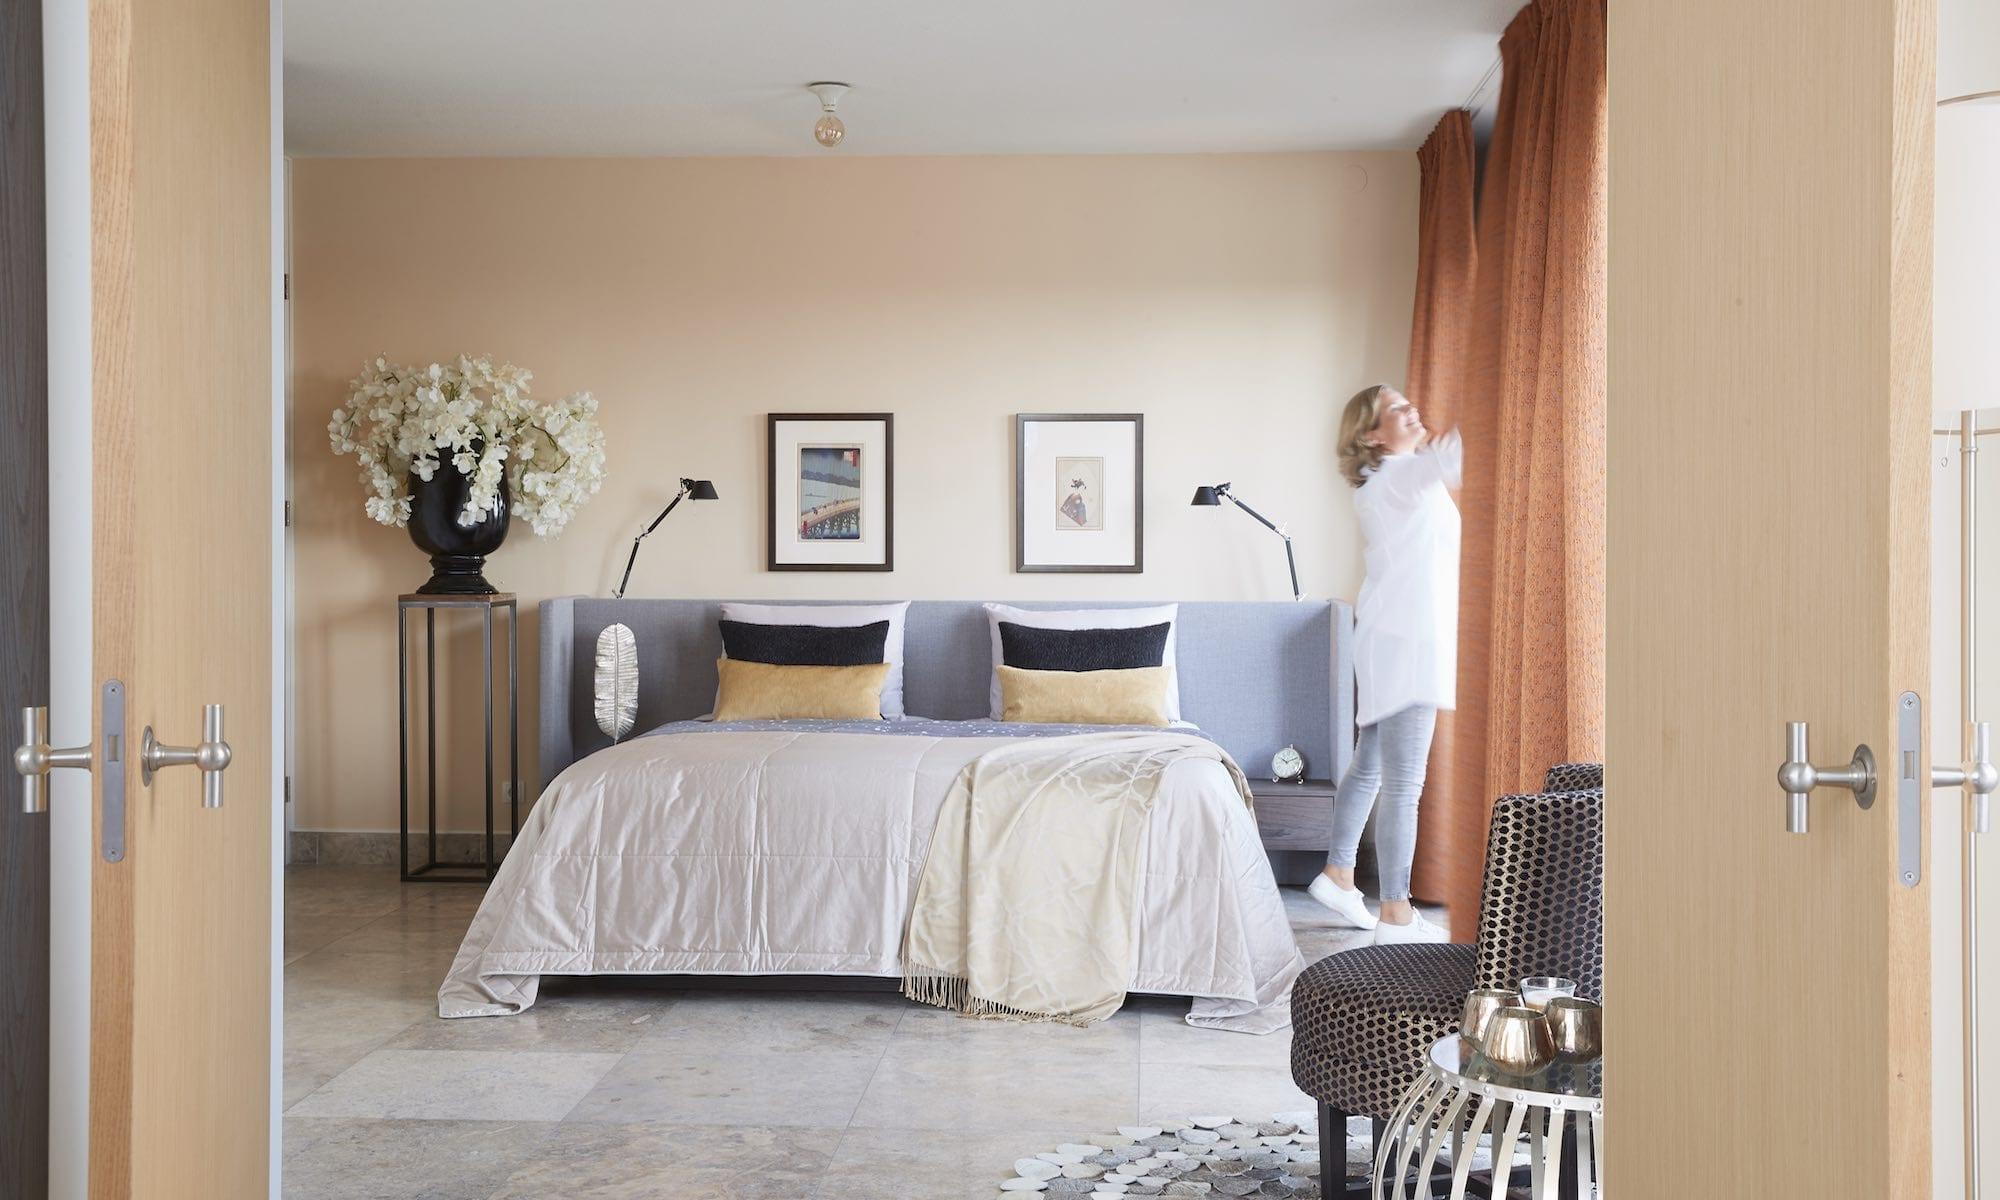 klant bij slaapkamer gordijnen